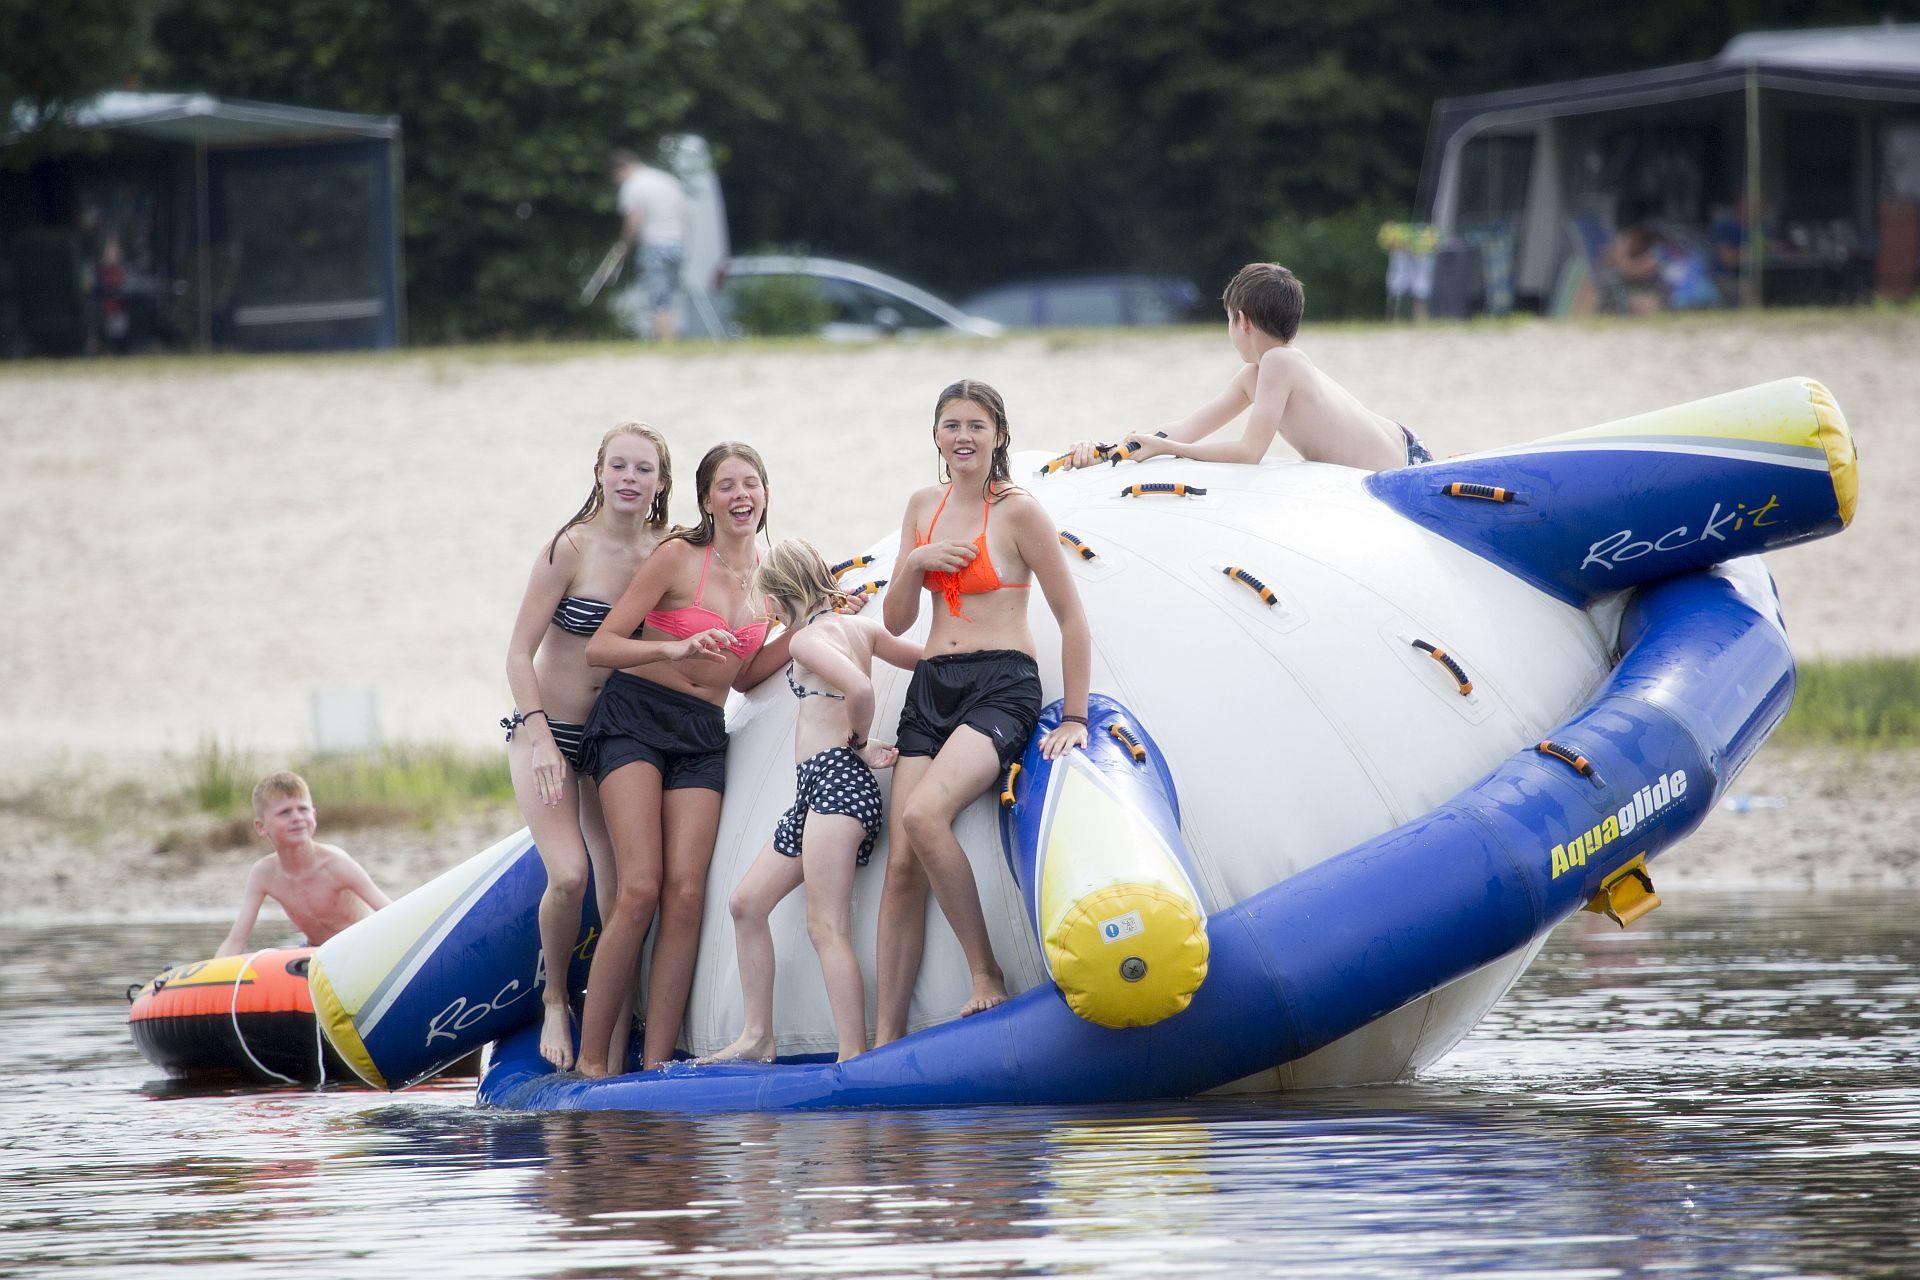 Recreatieplas in Overijssel met o.a. Tubby Splash en glijbanen! -